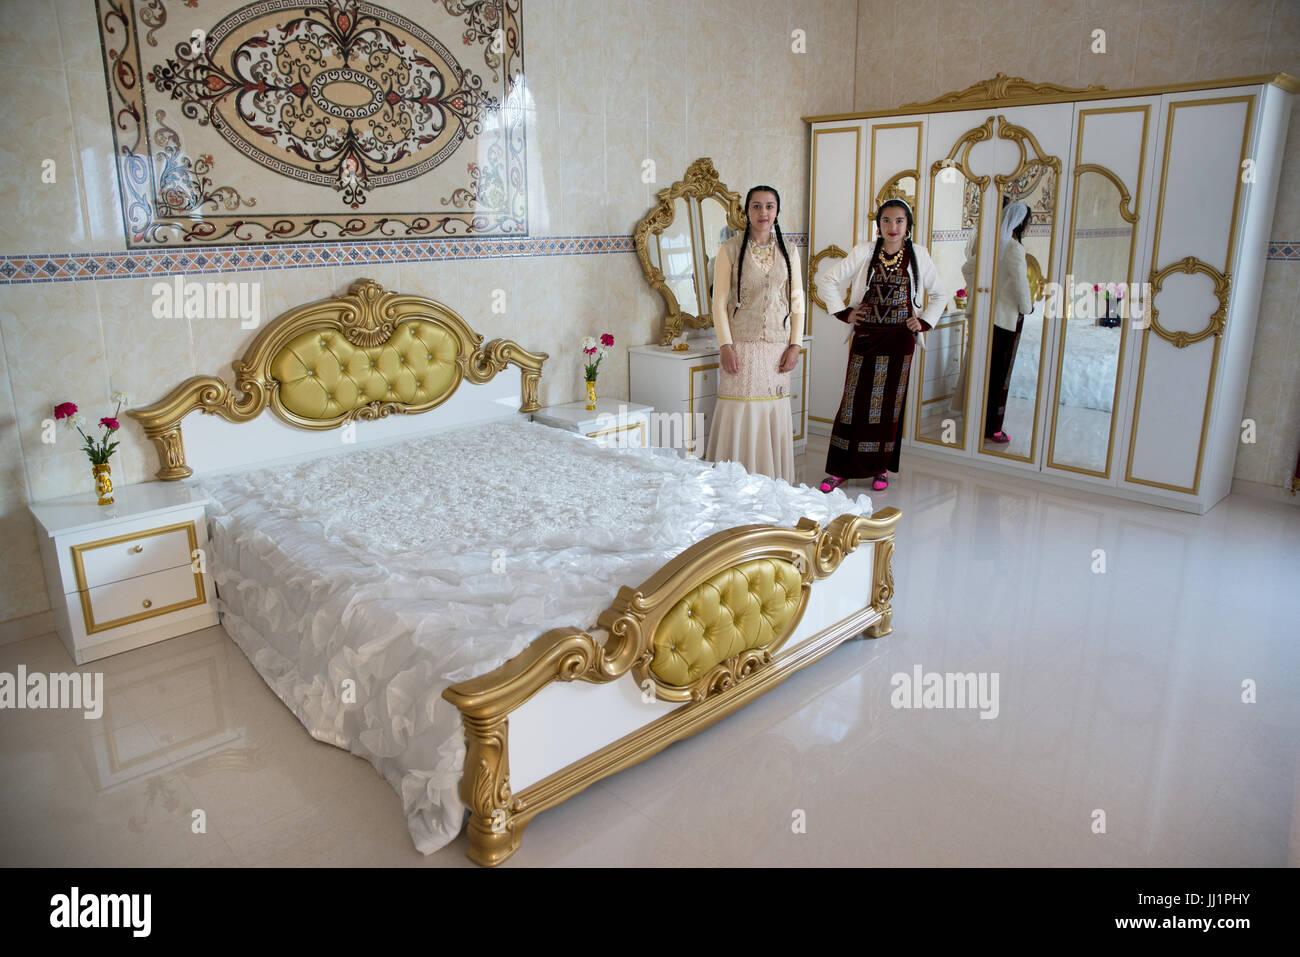 Camere Da Letto Lussuose Per Ragazze : Le ragazze di un facoltoso roma famiglia zingara in posa la